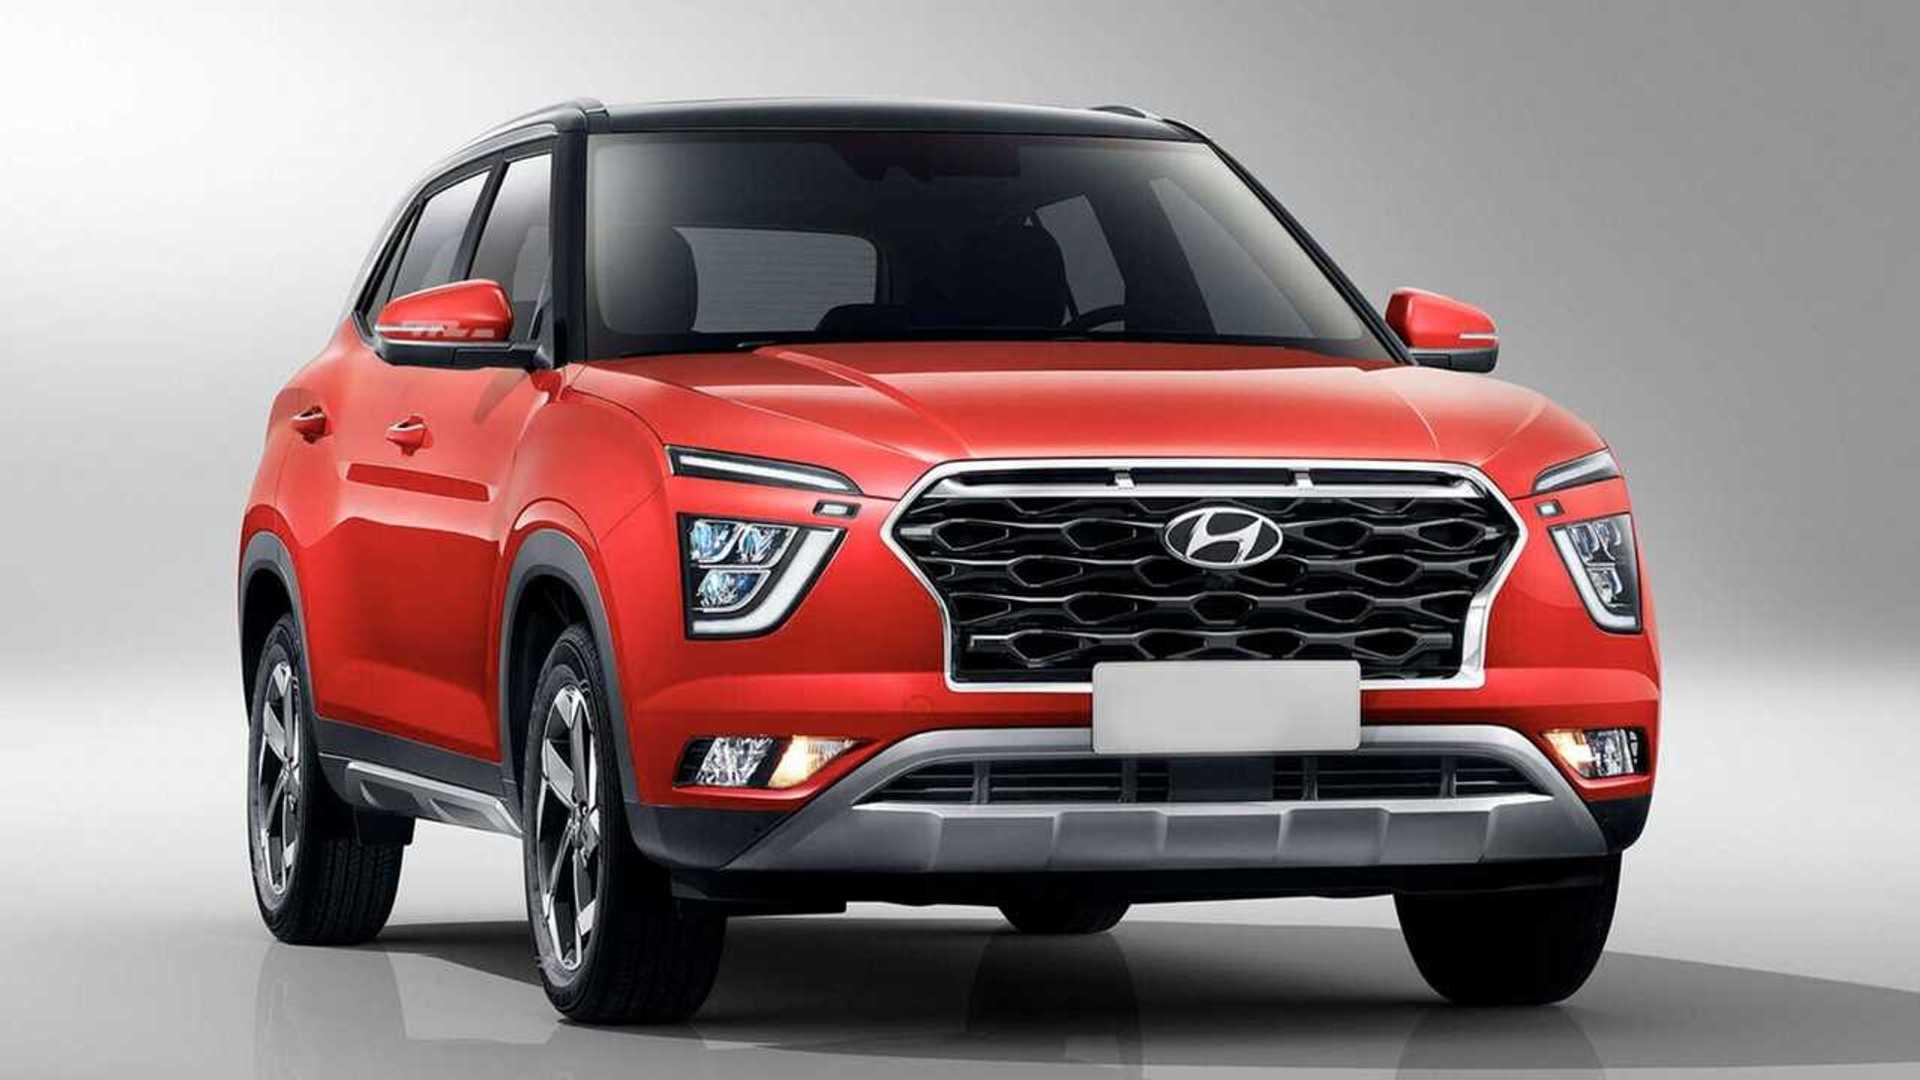 Novo Hyundai Creta 2021 Chega Ao Mexico E Fica Mais Proximo Do Brasil